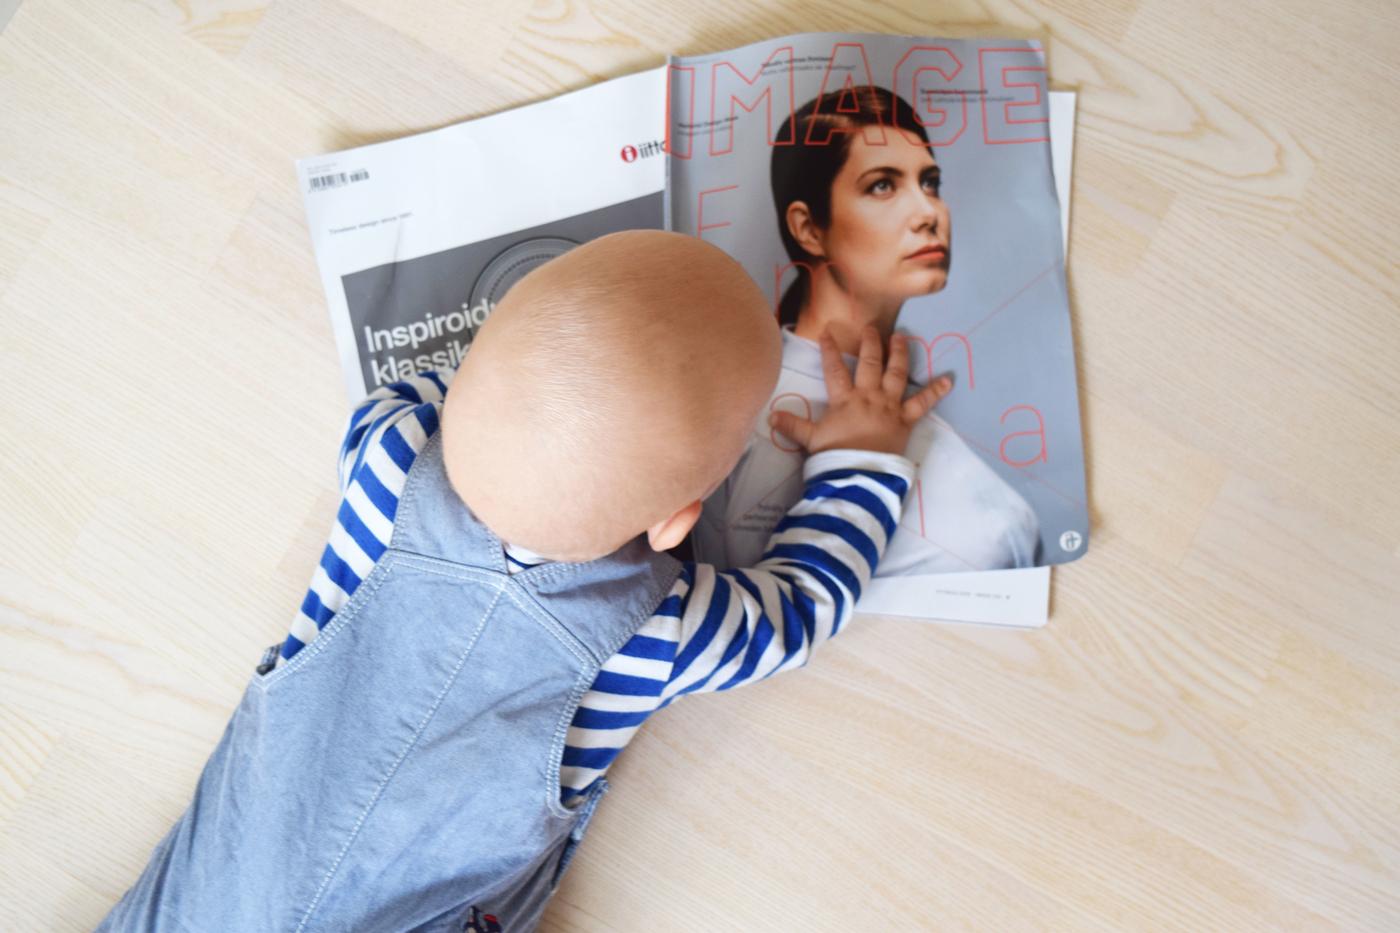 vauva ja image.jpg